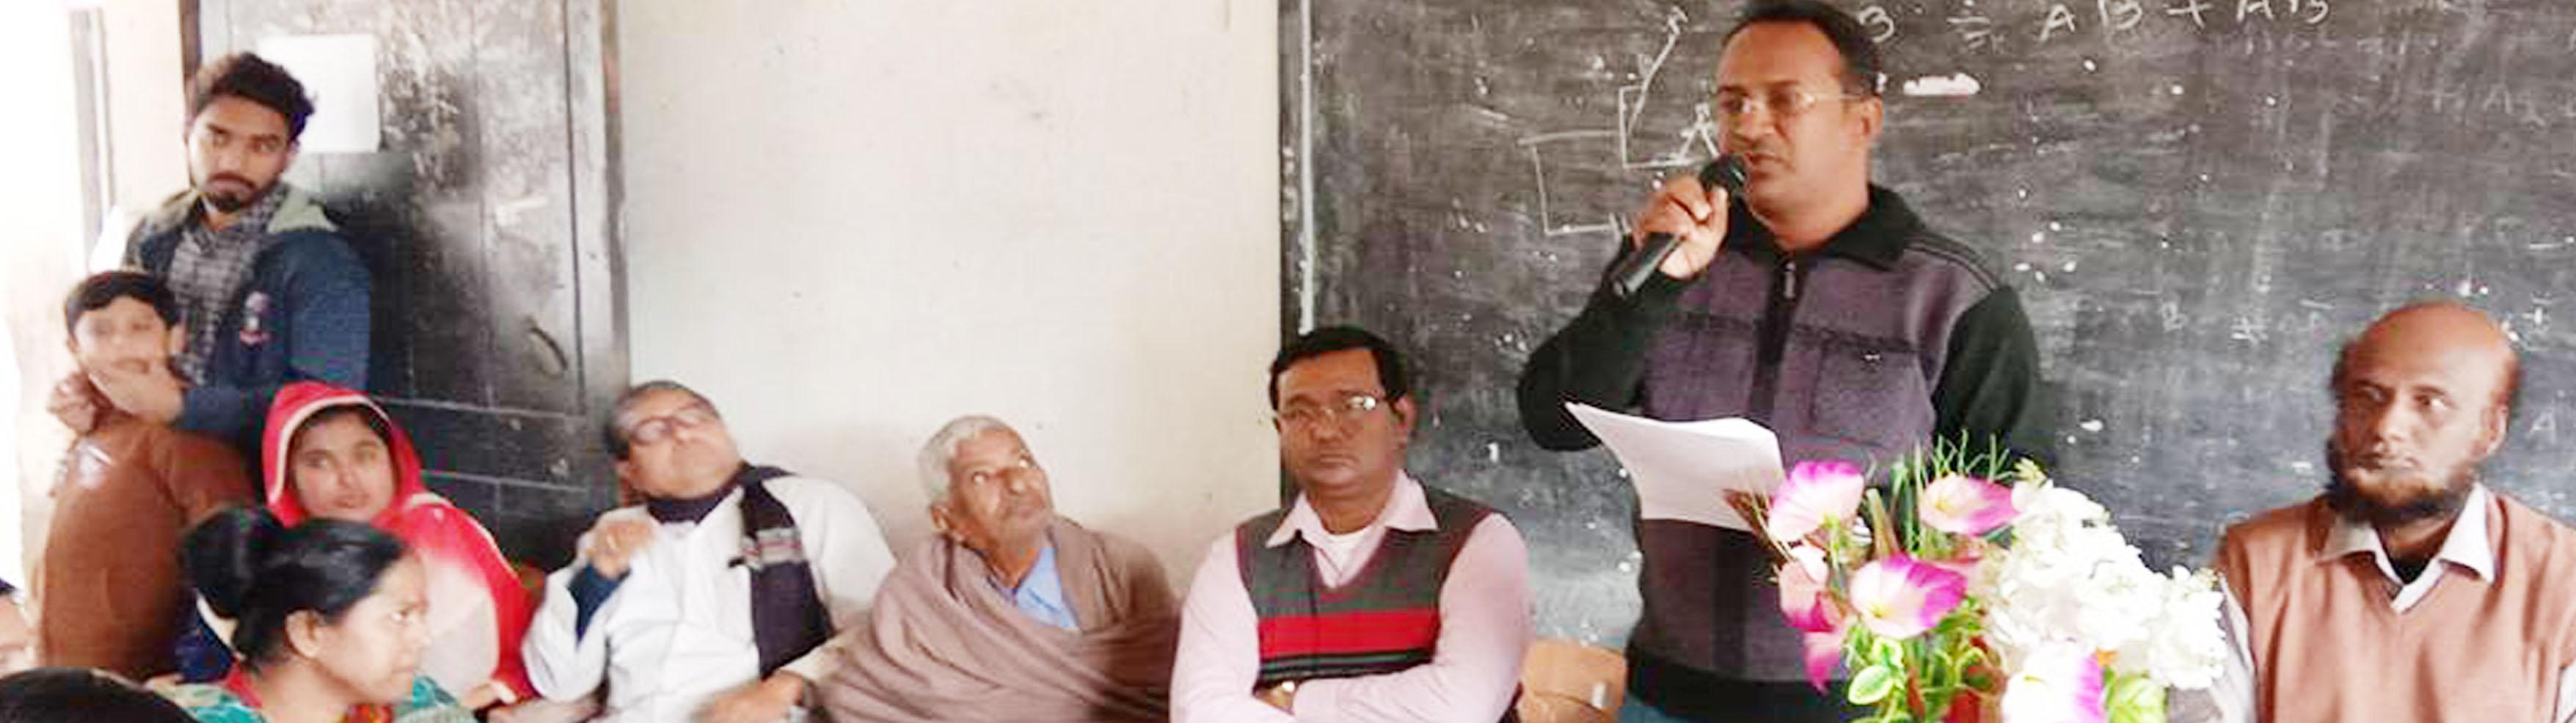 কালিগঞ্জের কুশুলিয়া স্কুল অ্যান্ড কলেজ ও ধুলিয়াপুর মাধ্যমিক বিদ্যালয়ে বার্ষিক পরীক্ষার ফল প্রকাশ